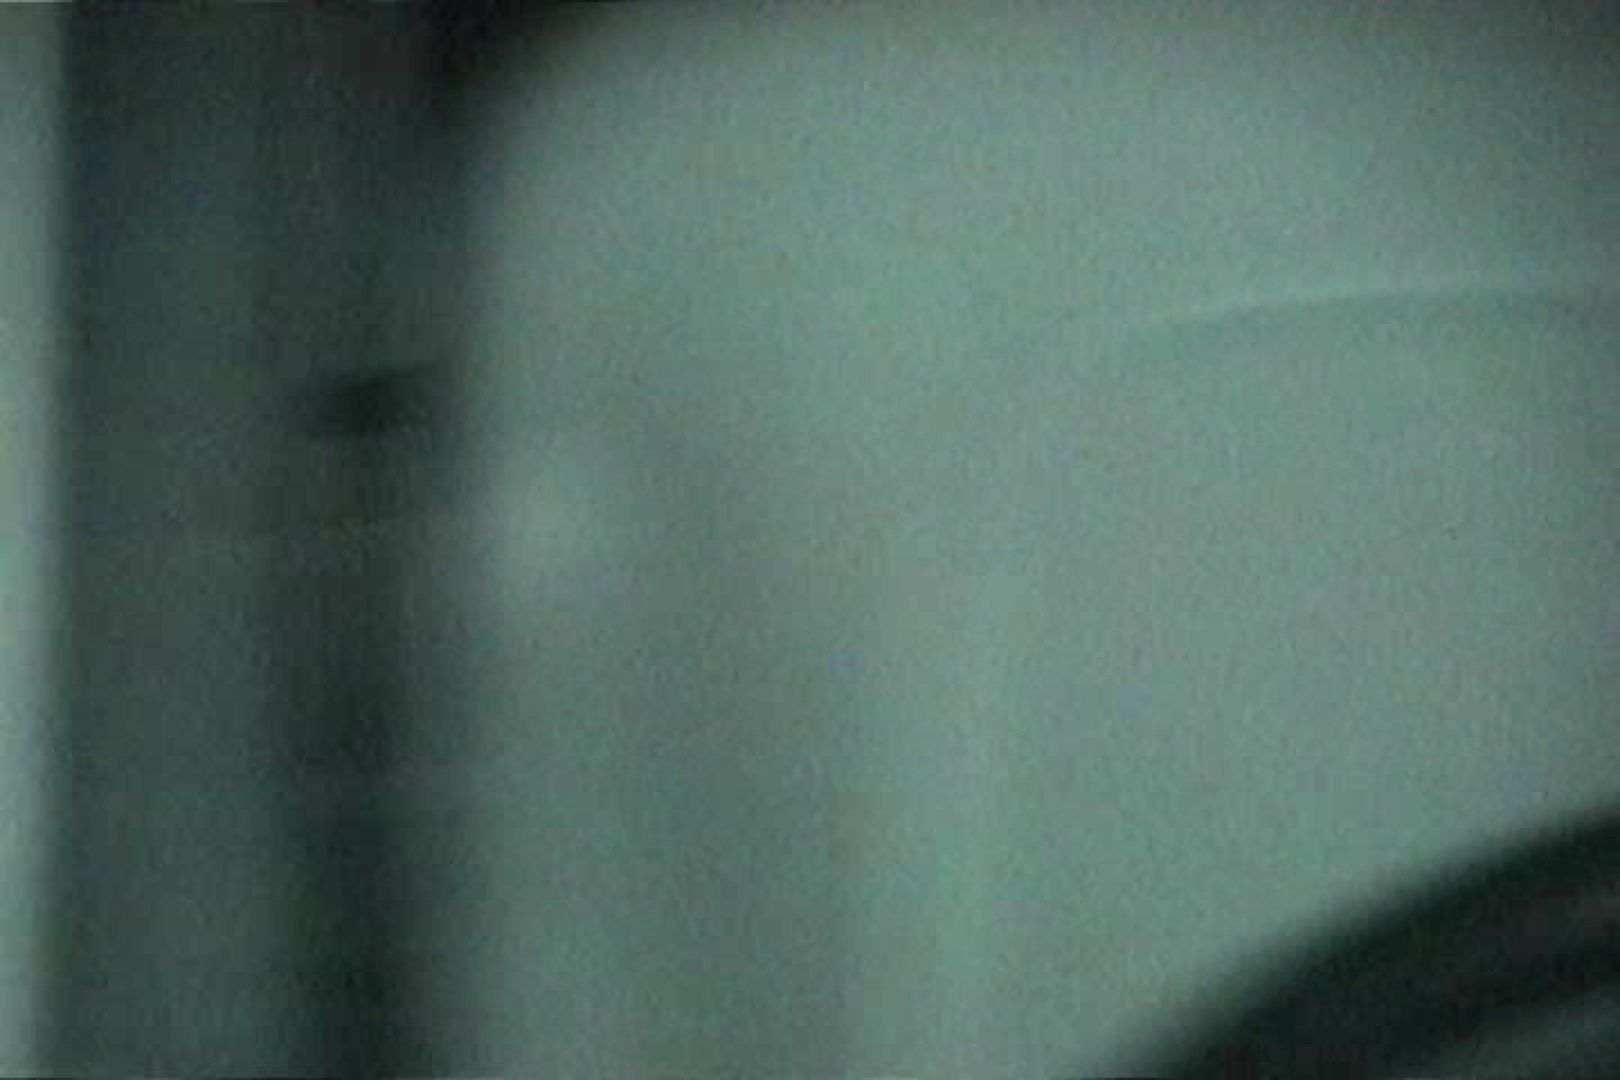 充血監督の深夜の運動会Vol.146 OLヌード天国 | ハプニング  94PIX 94